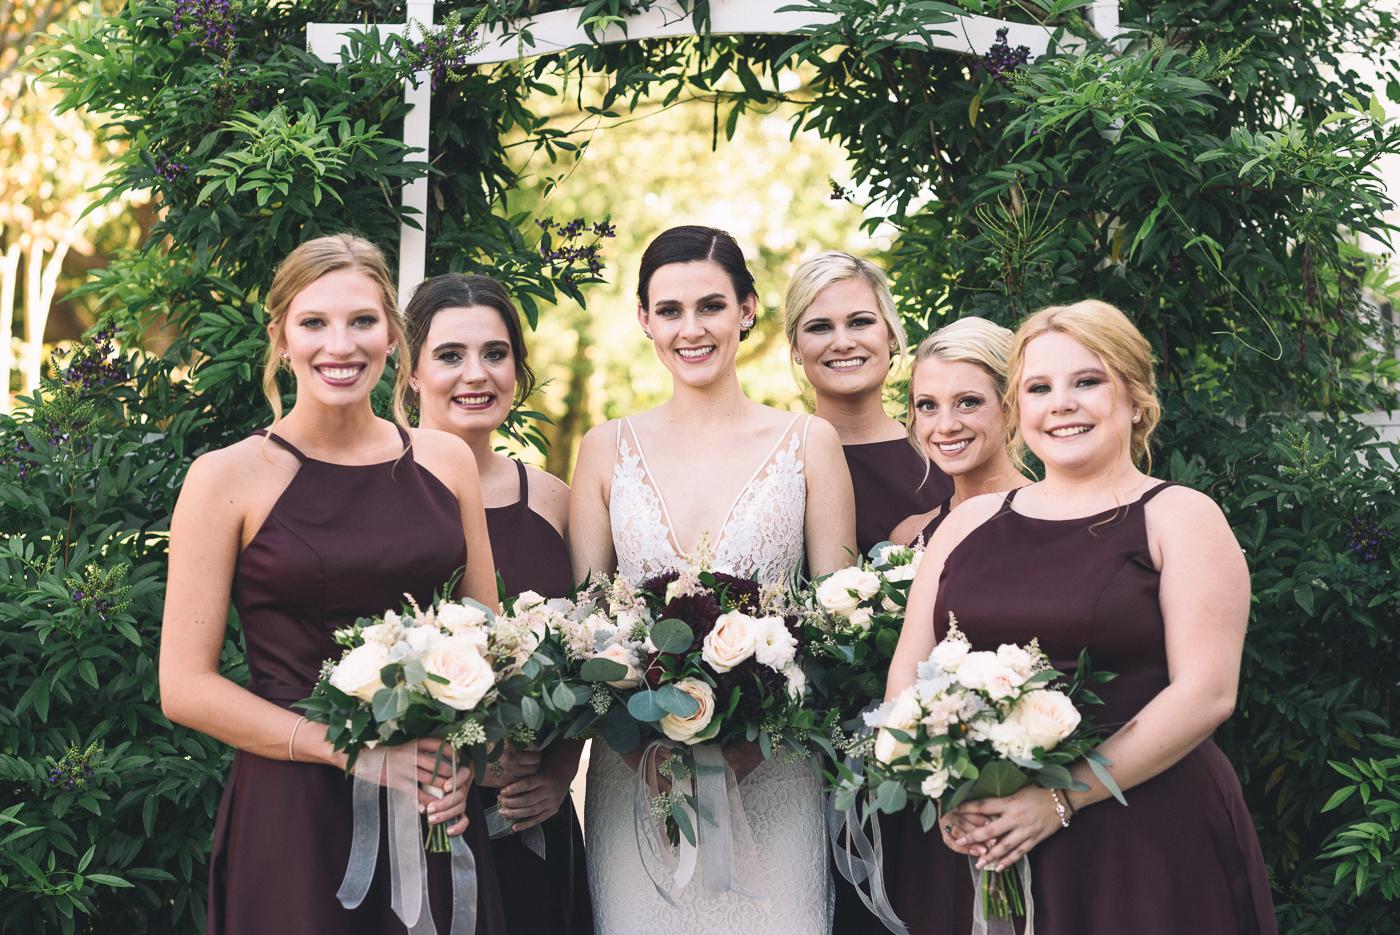 brides maids portraits fancy dresses pretty flowers smile vine archway